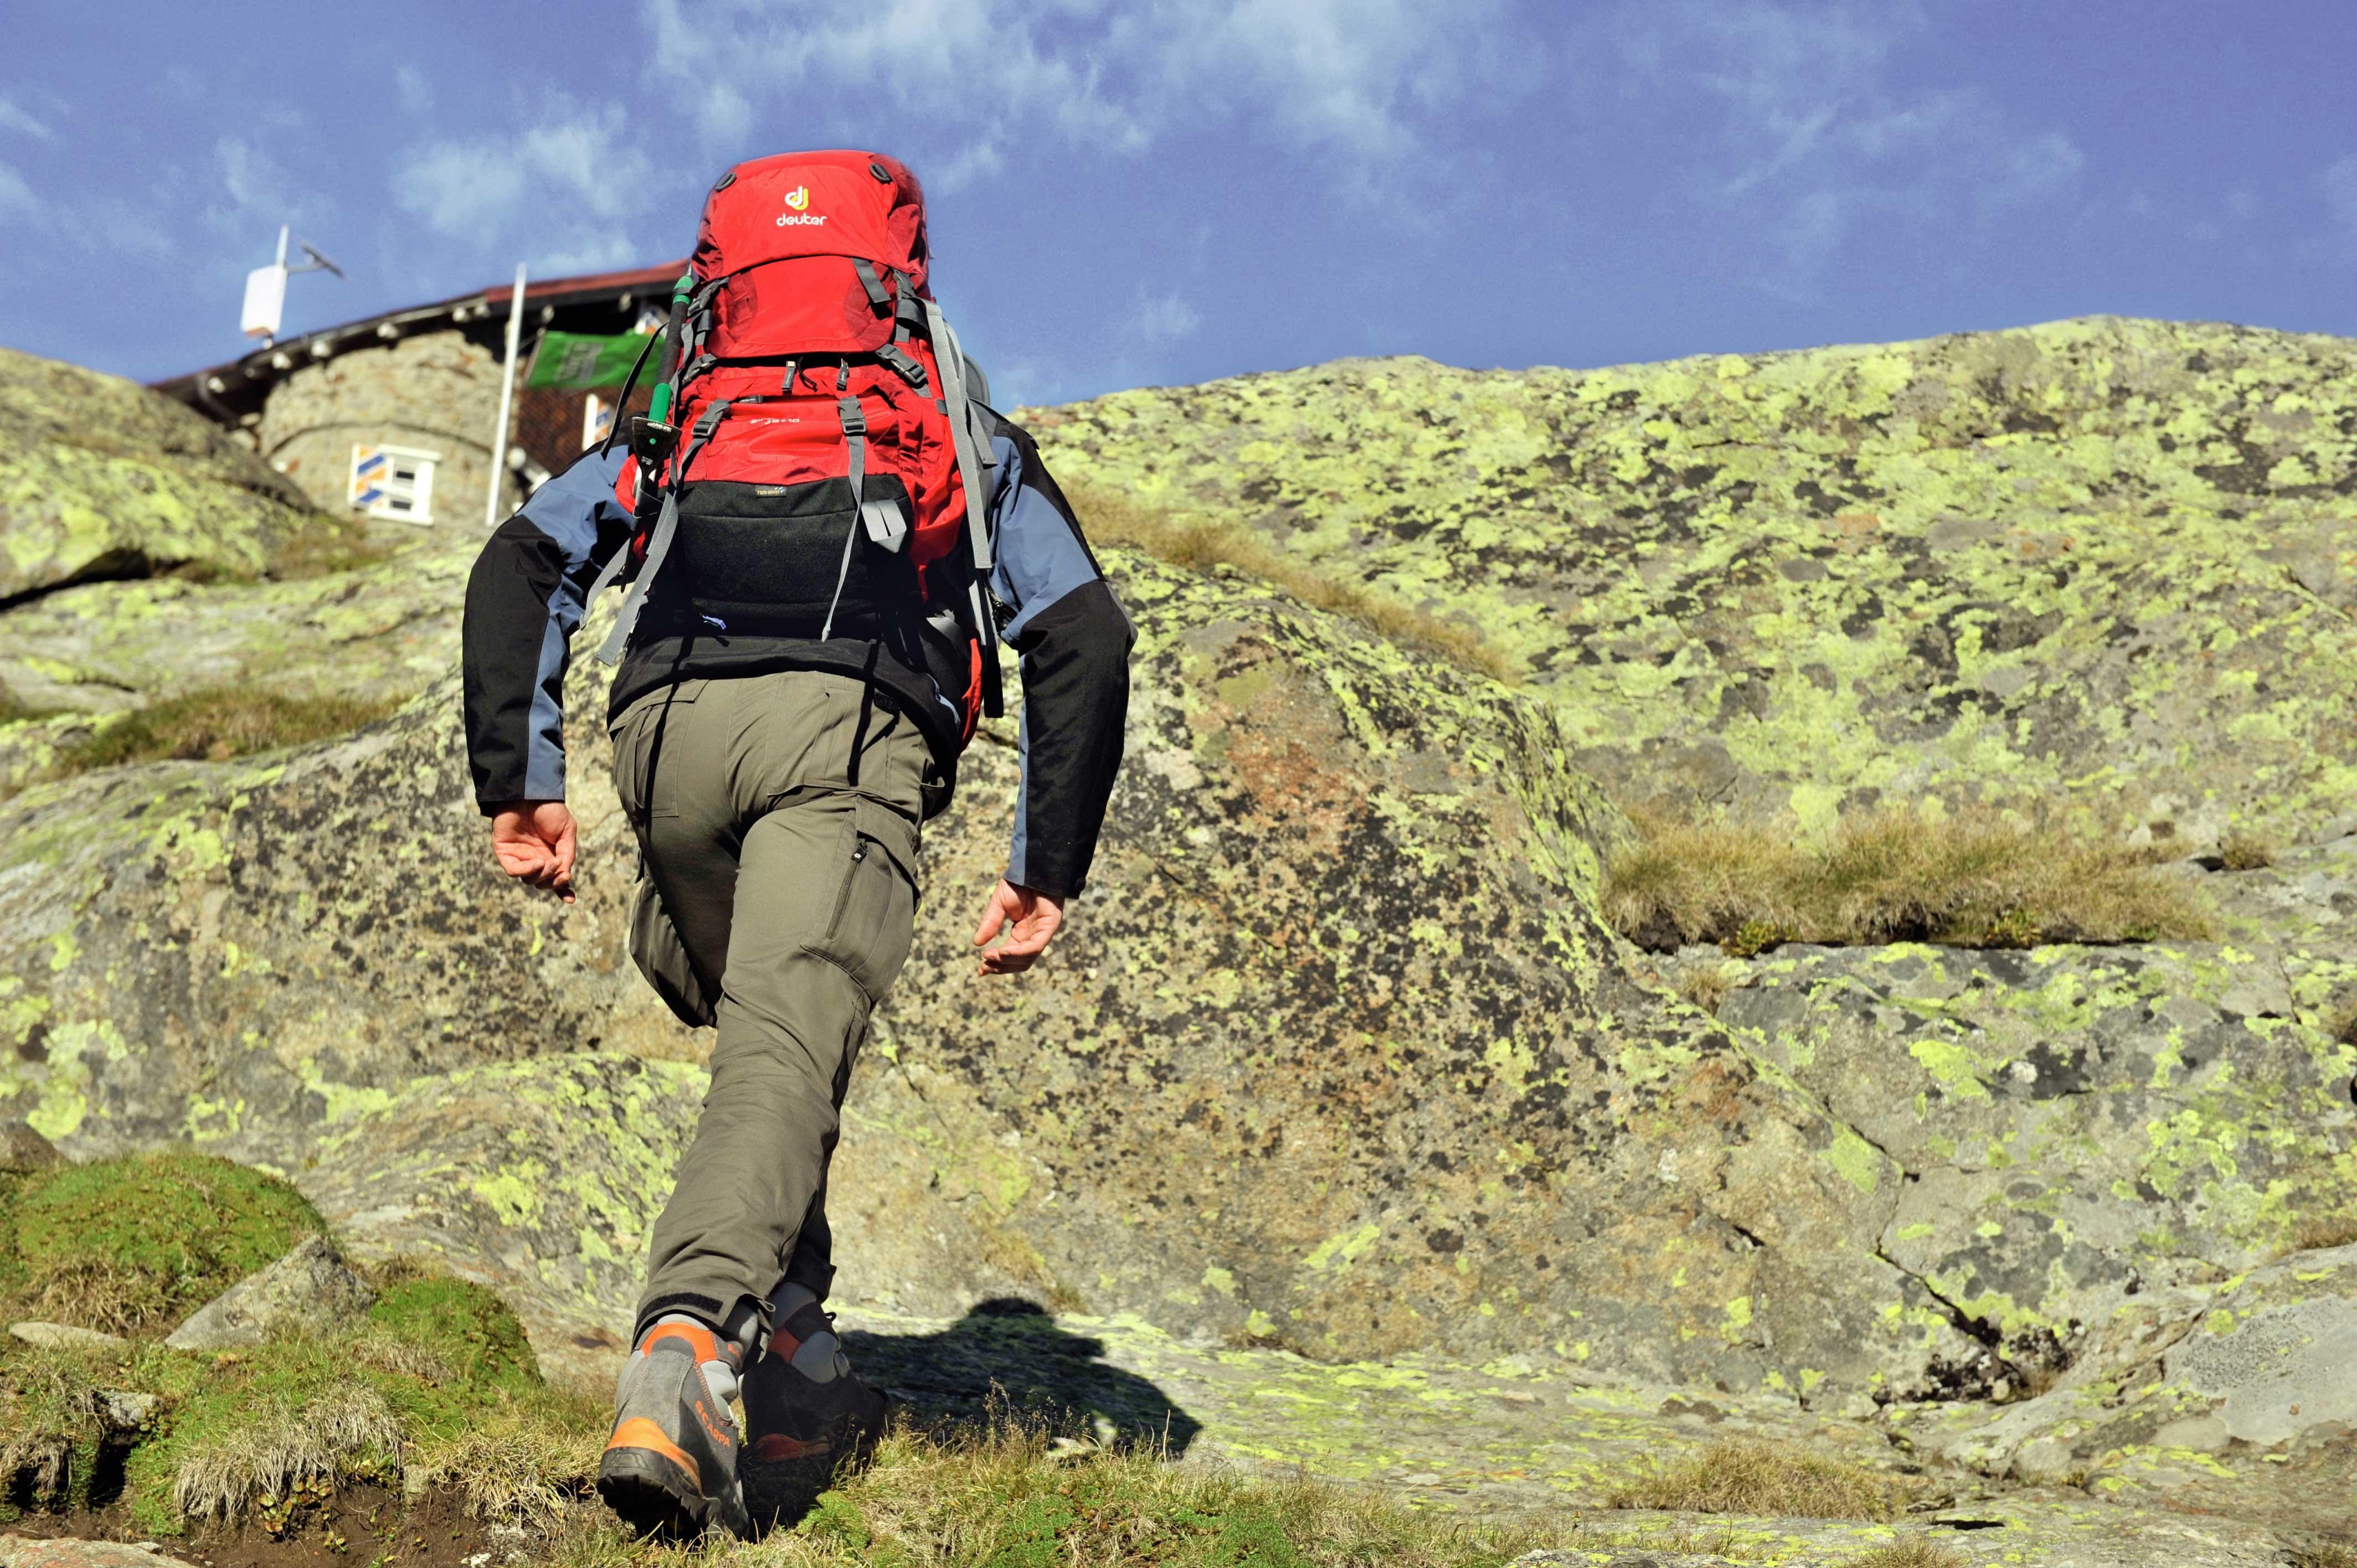 Mit einem richtig gepackten Rucksack wird jeder Aufstieg leichter